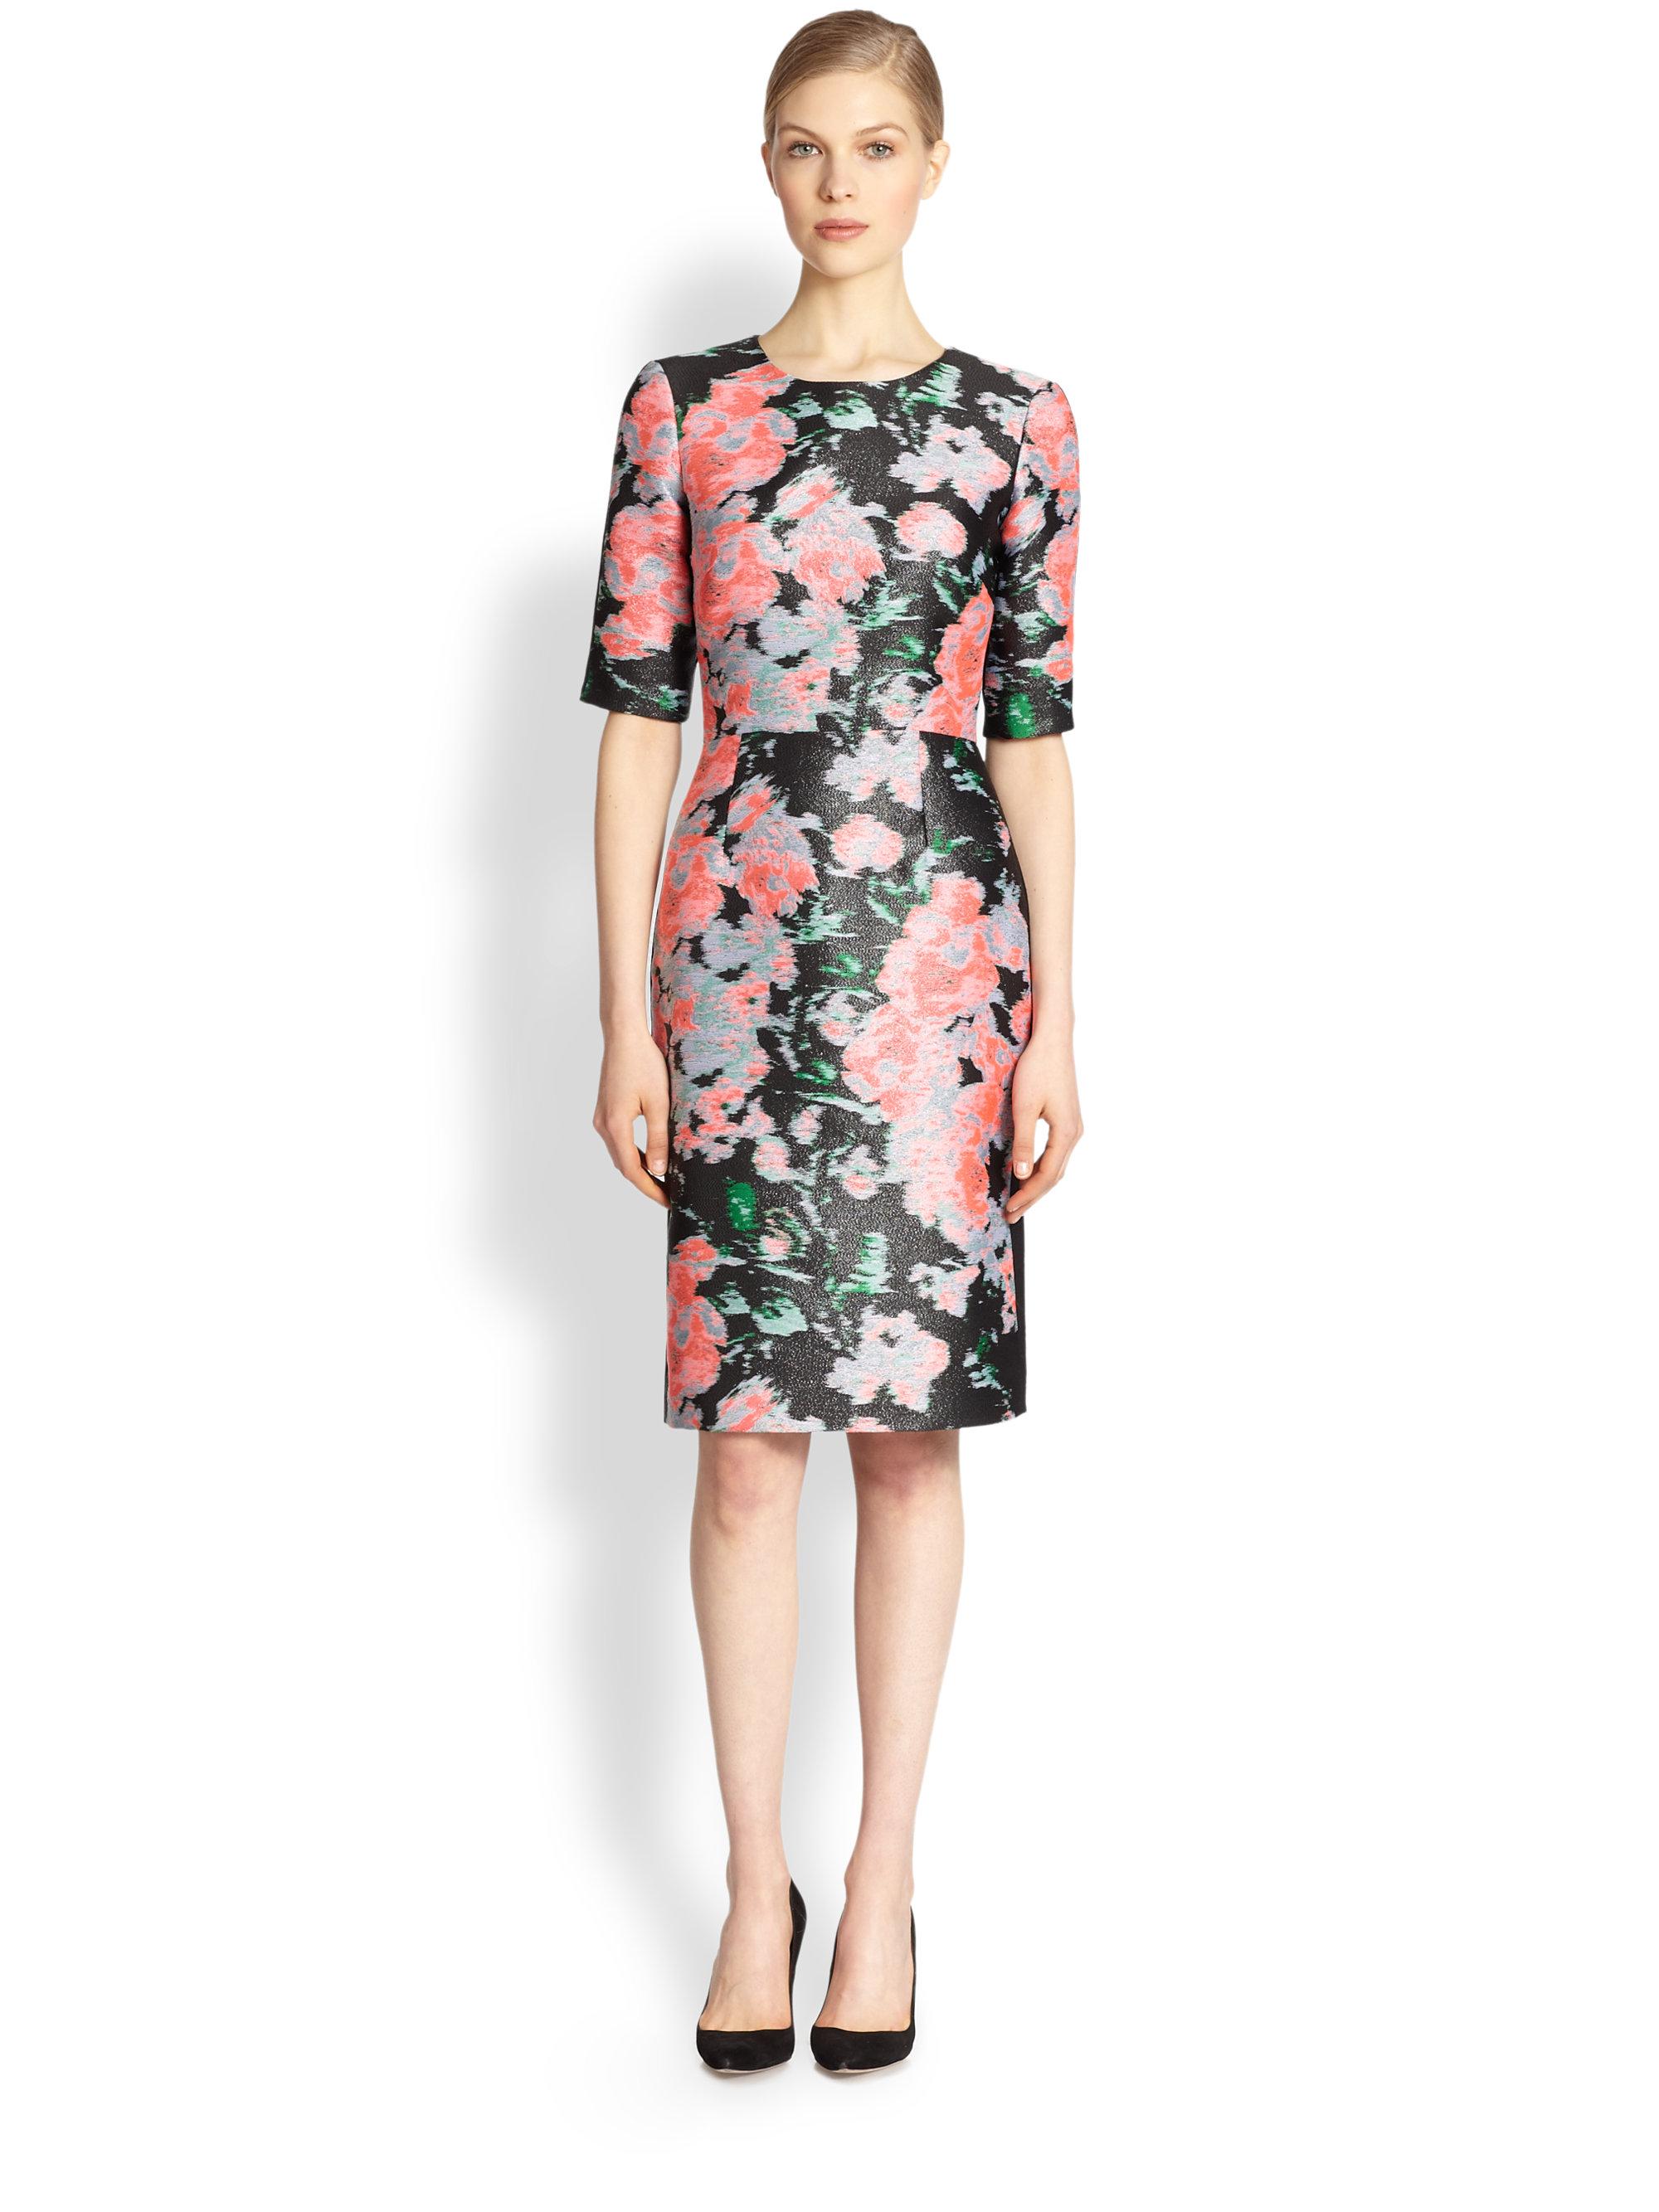 Immaculate Erdem Dress Inspiration | Enjoyable Erdem Evening Gown